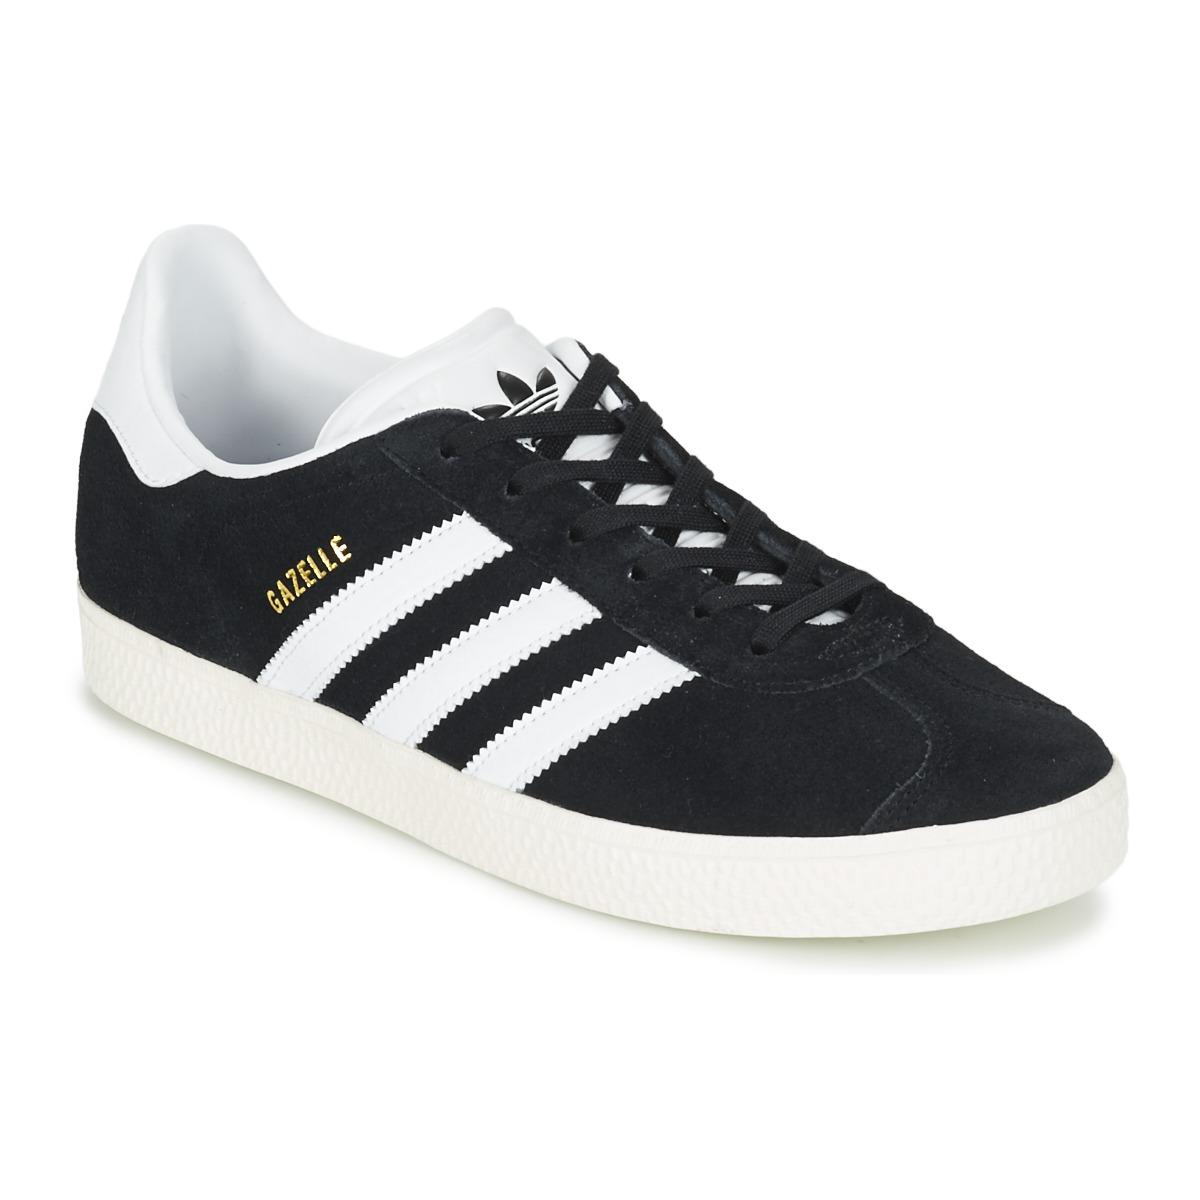 bij Spartoo Adidas verzending Babyschoenen gratis J Originals Zwart nl Sneakers Gazelle wqrwY60